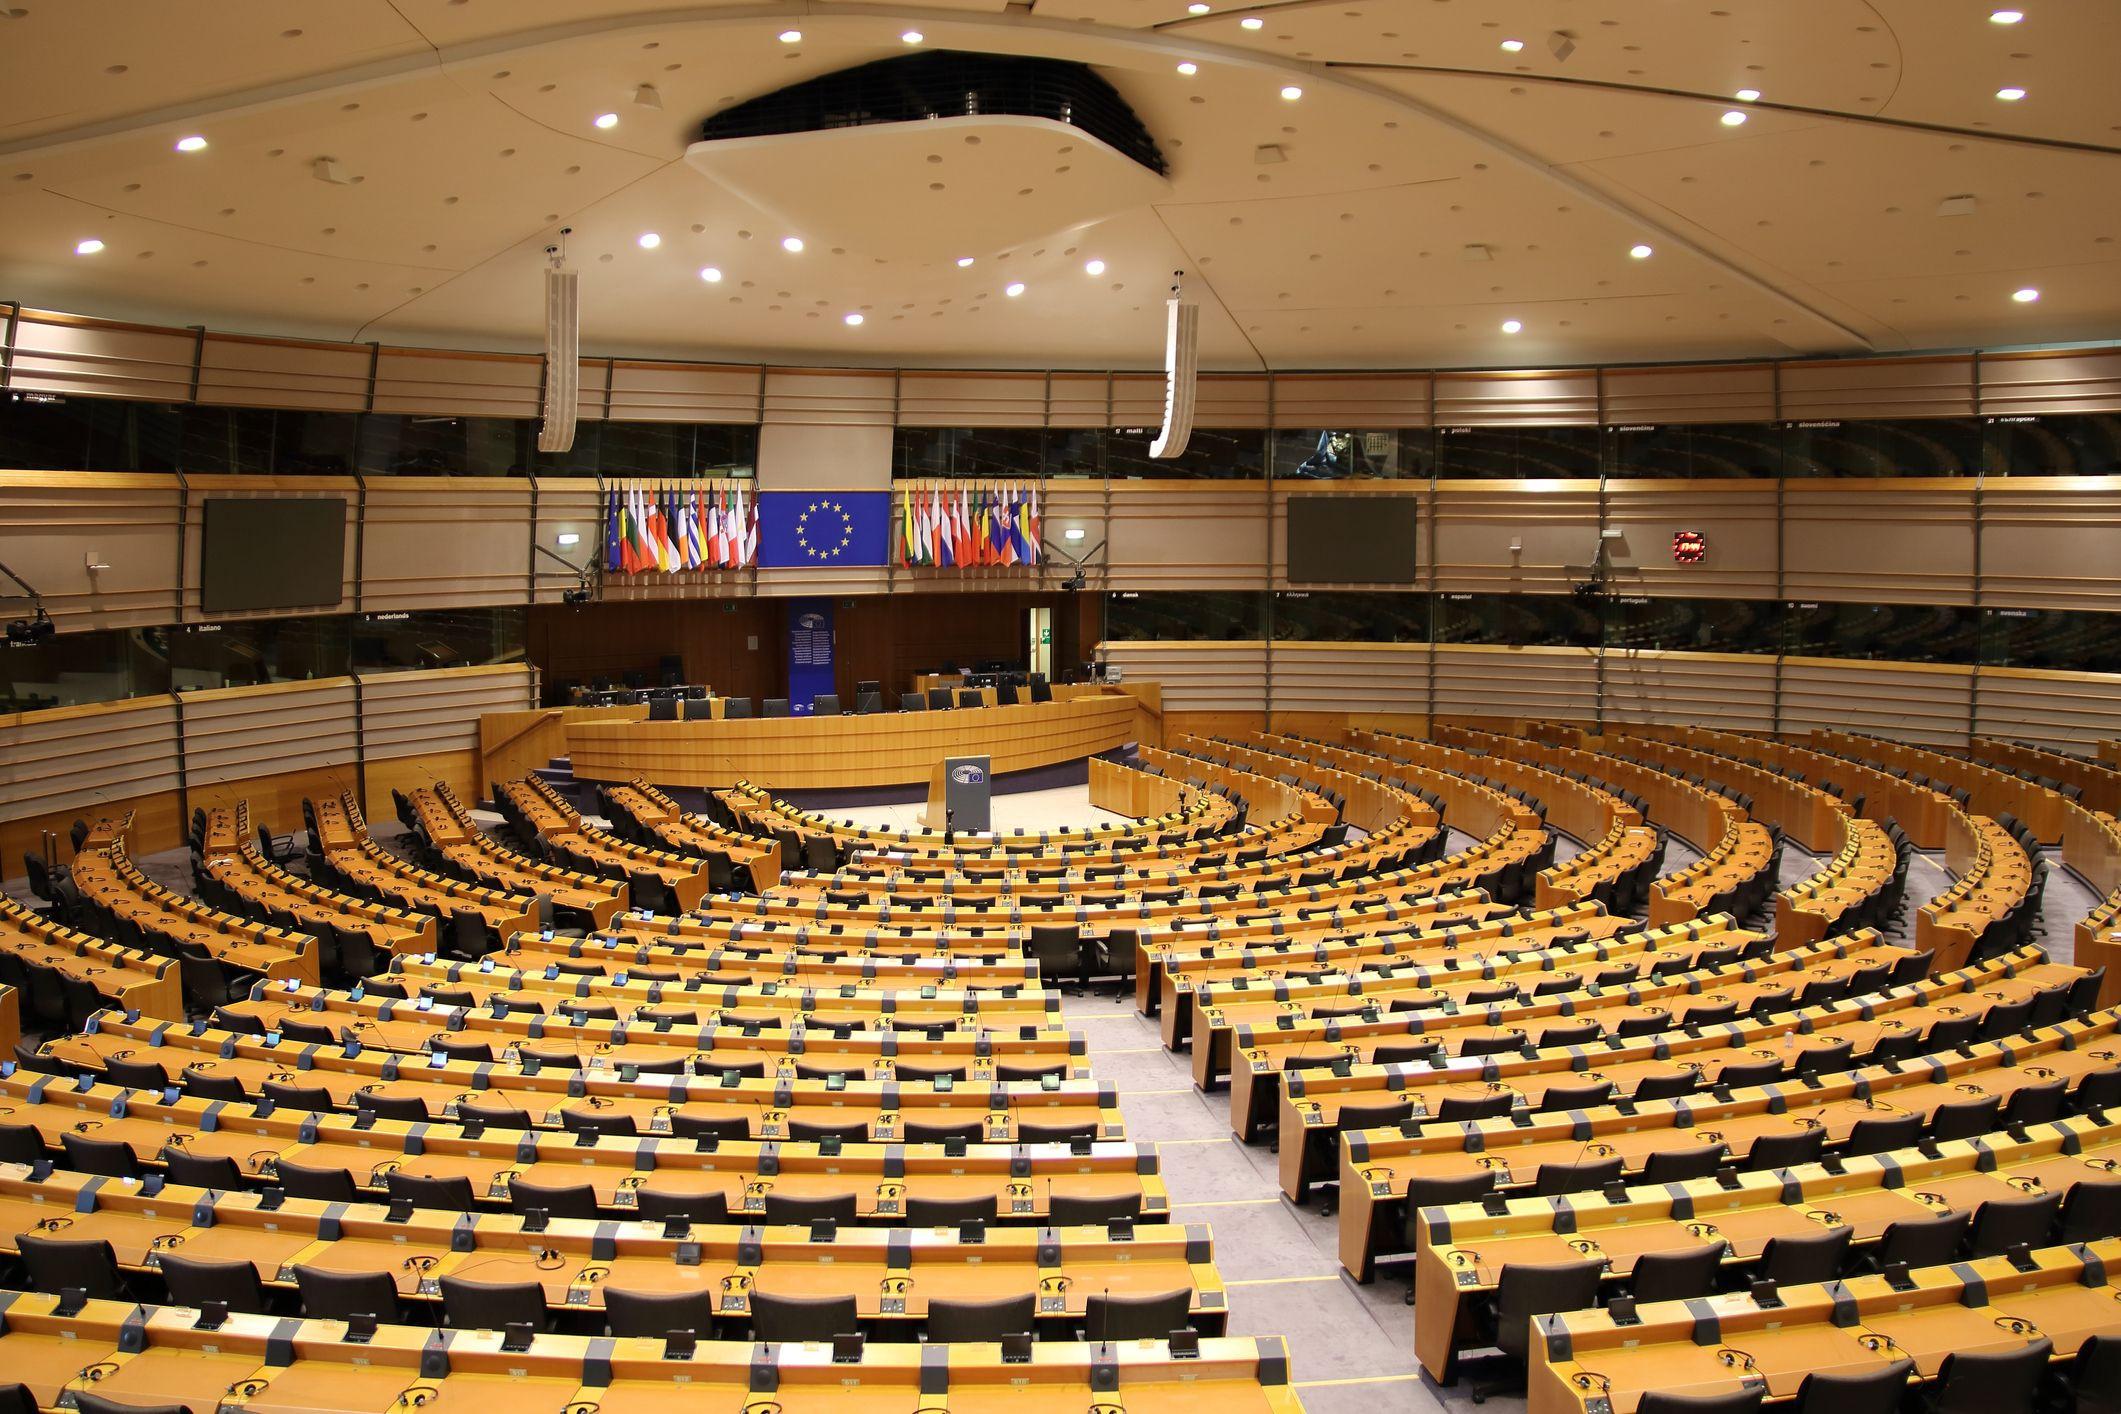 Sondagem da Aximage dá empate técnico entre PS e PSD nas Europeias